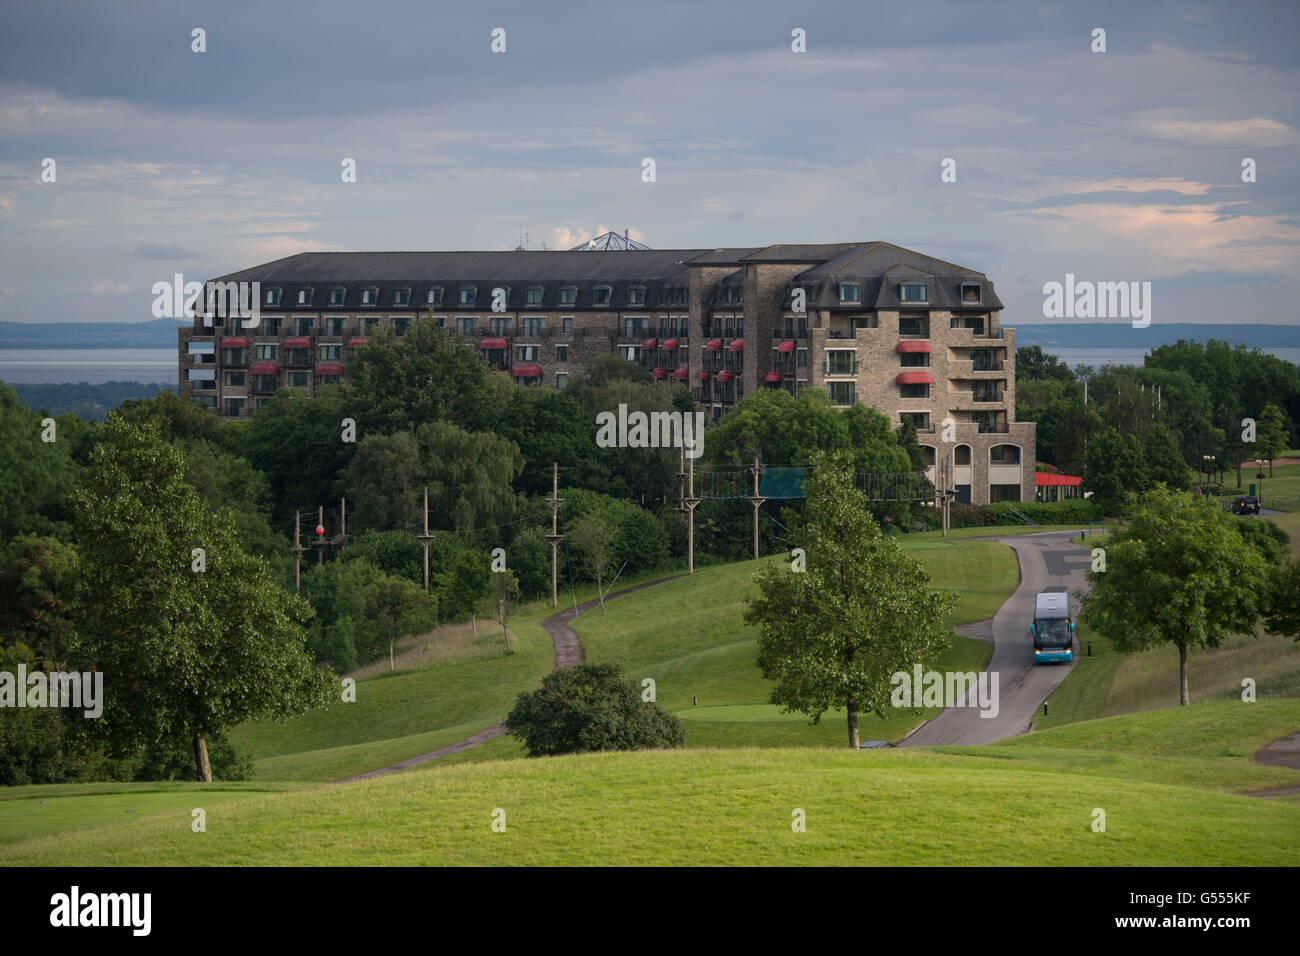 Una vista generale del Celtic Manor Hotel a Newport, nel Galles del Sud. Immagini Stock